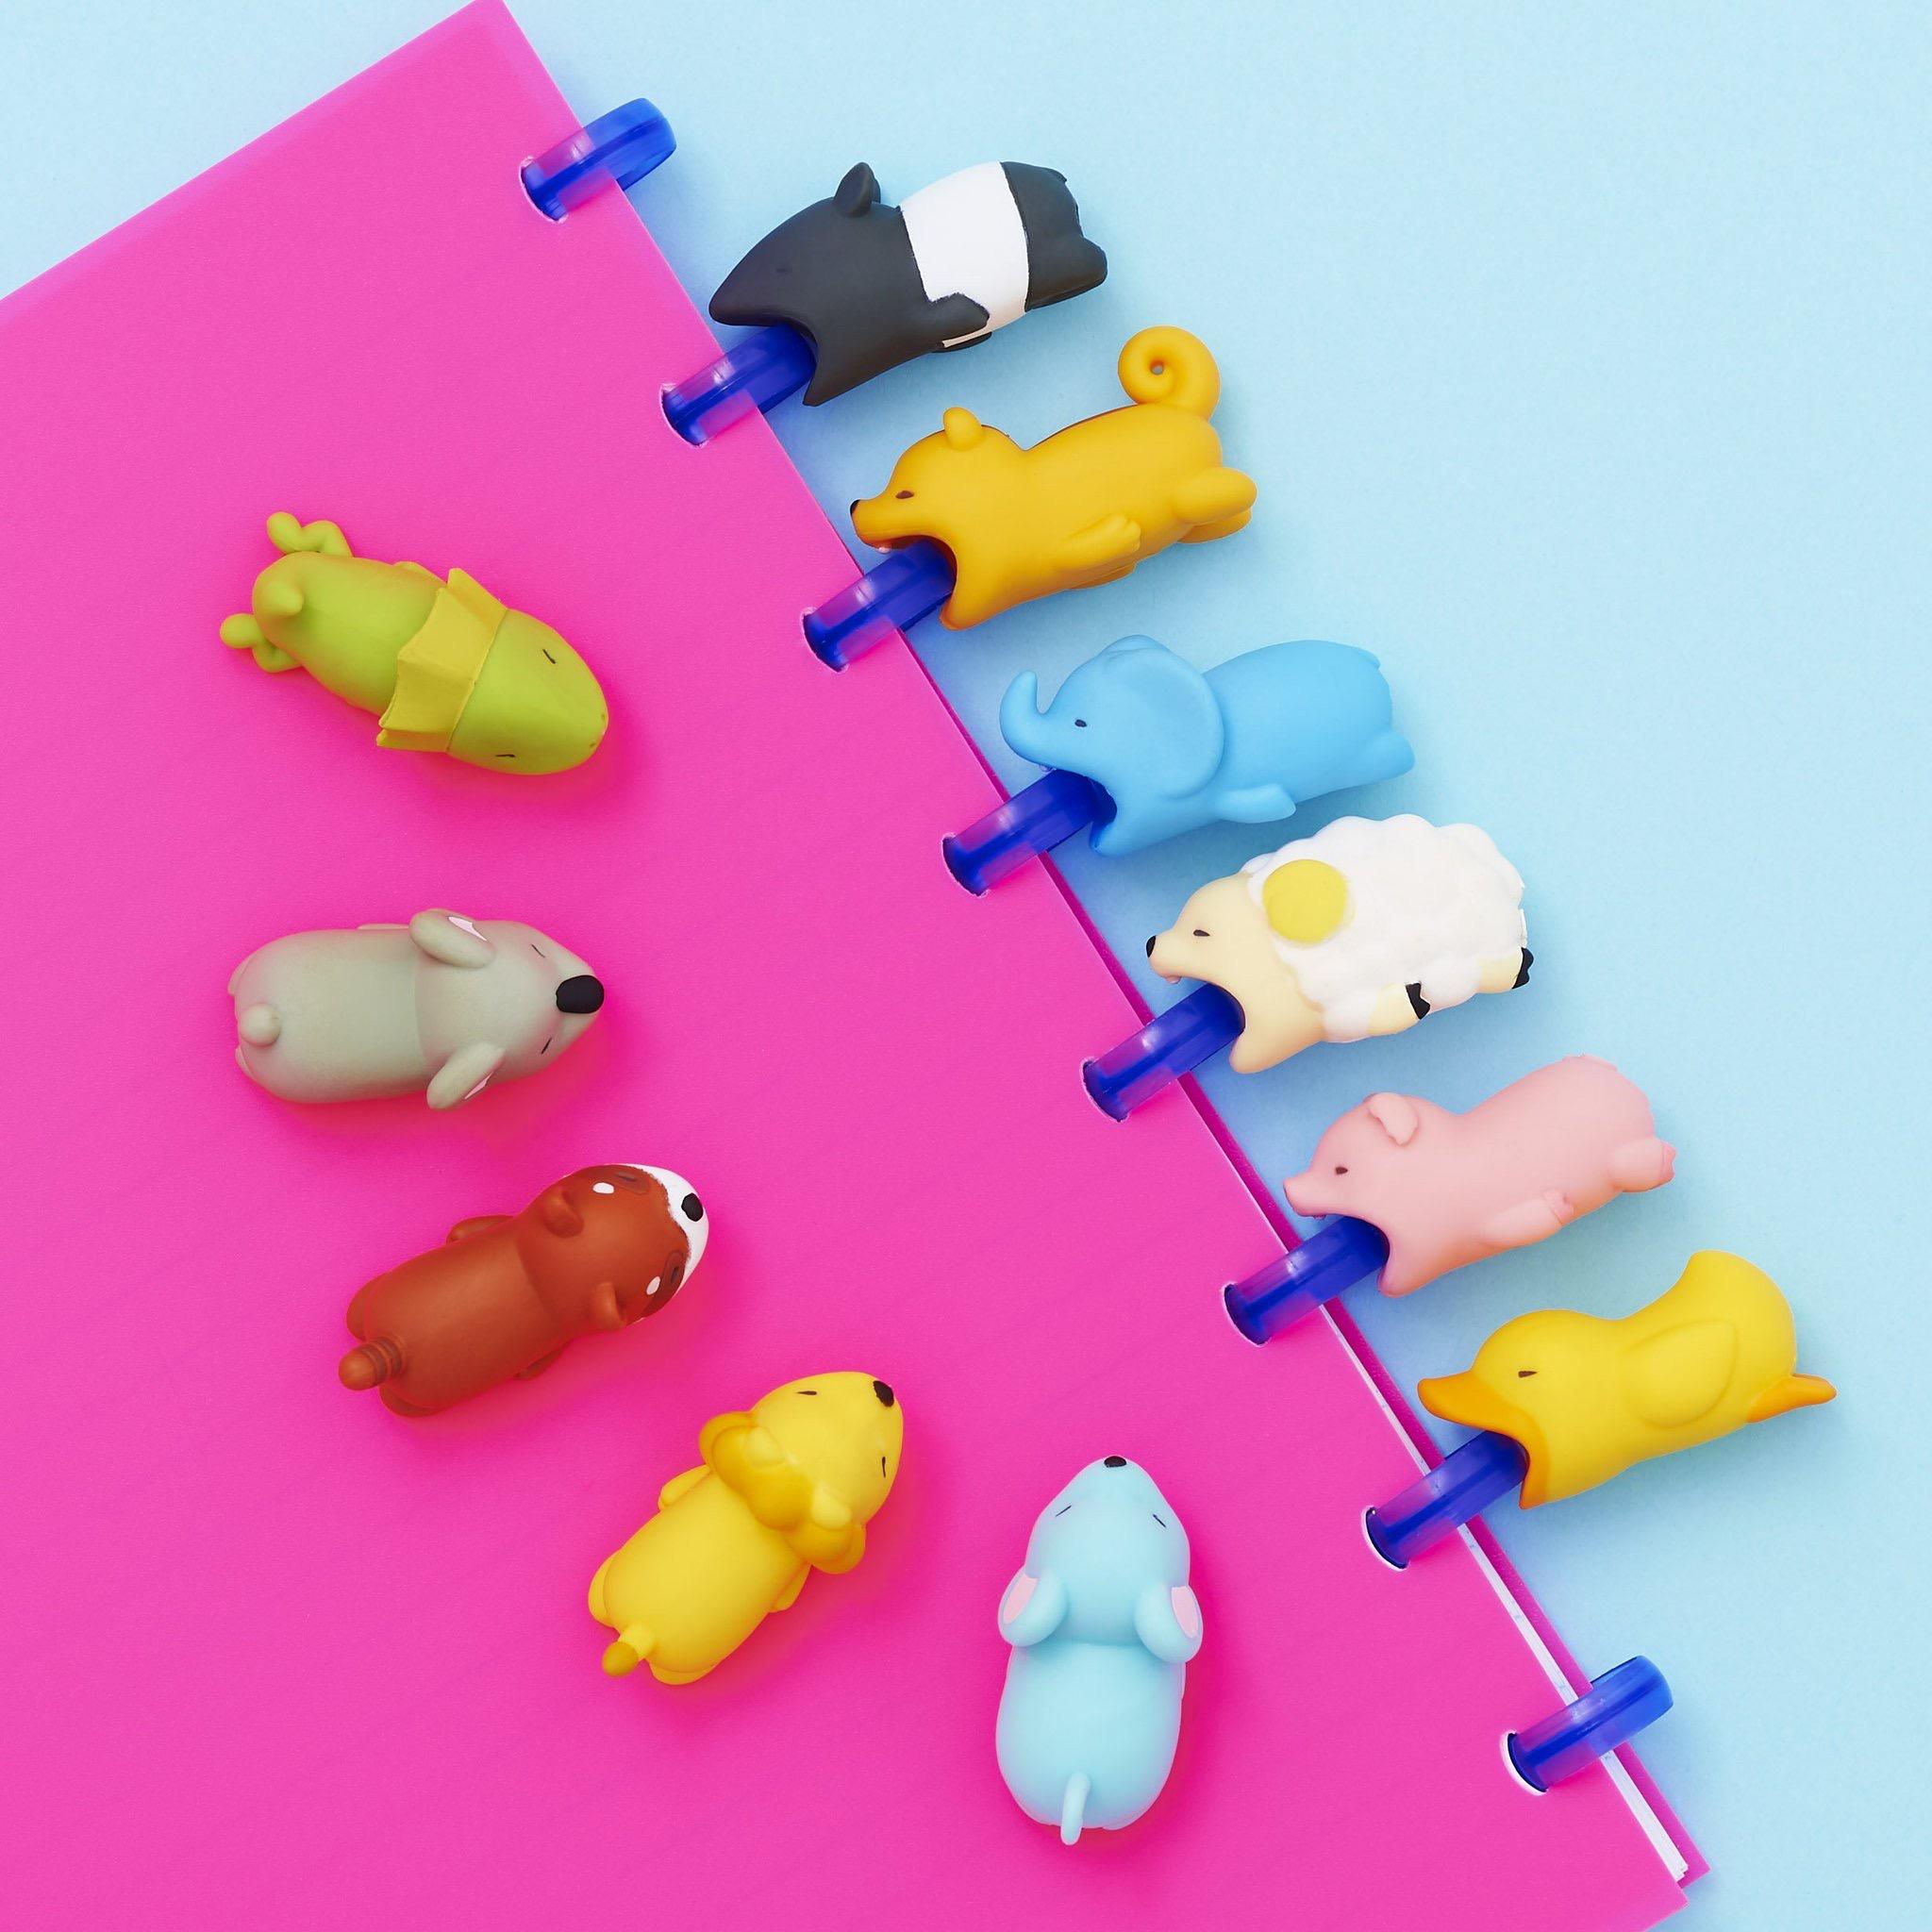 日本正版CABLE BITE防折断可爱动物咬线器咬咬苹果数据线保护套